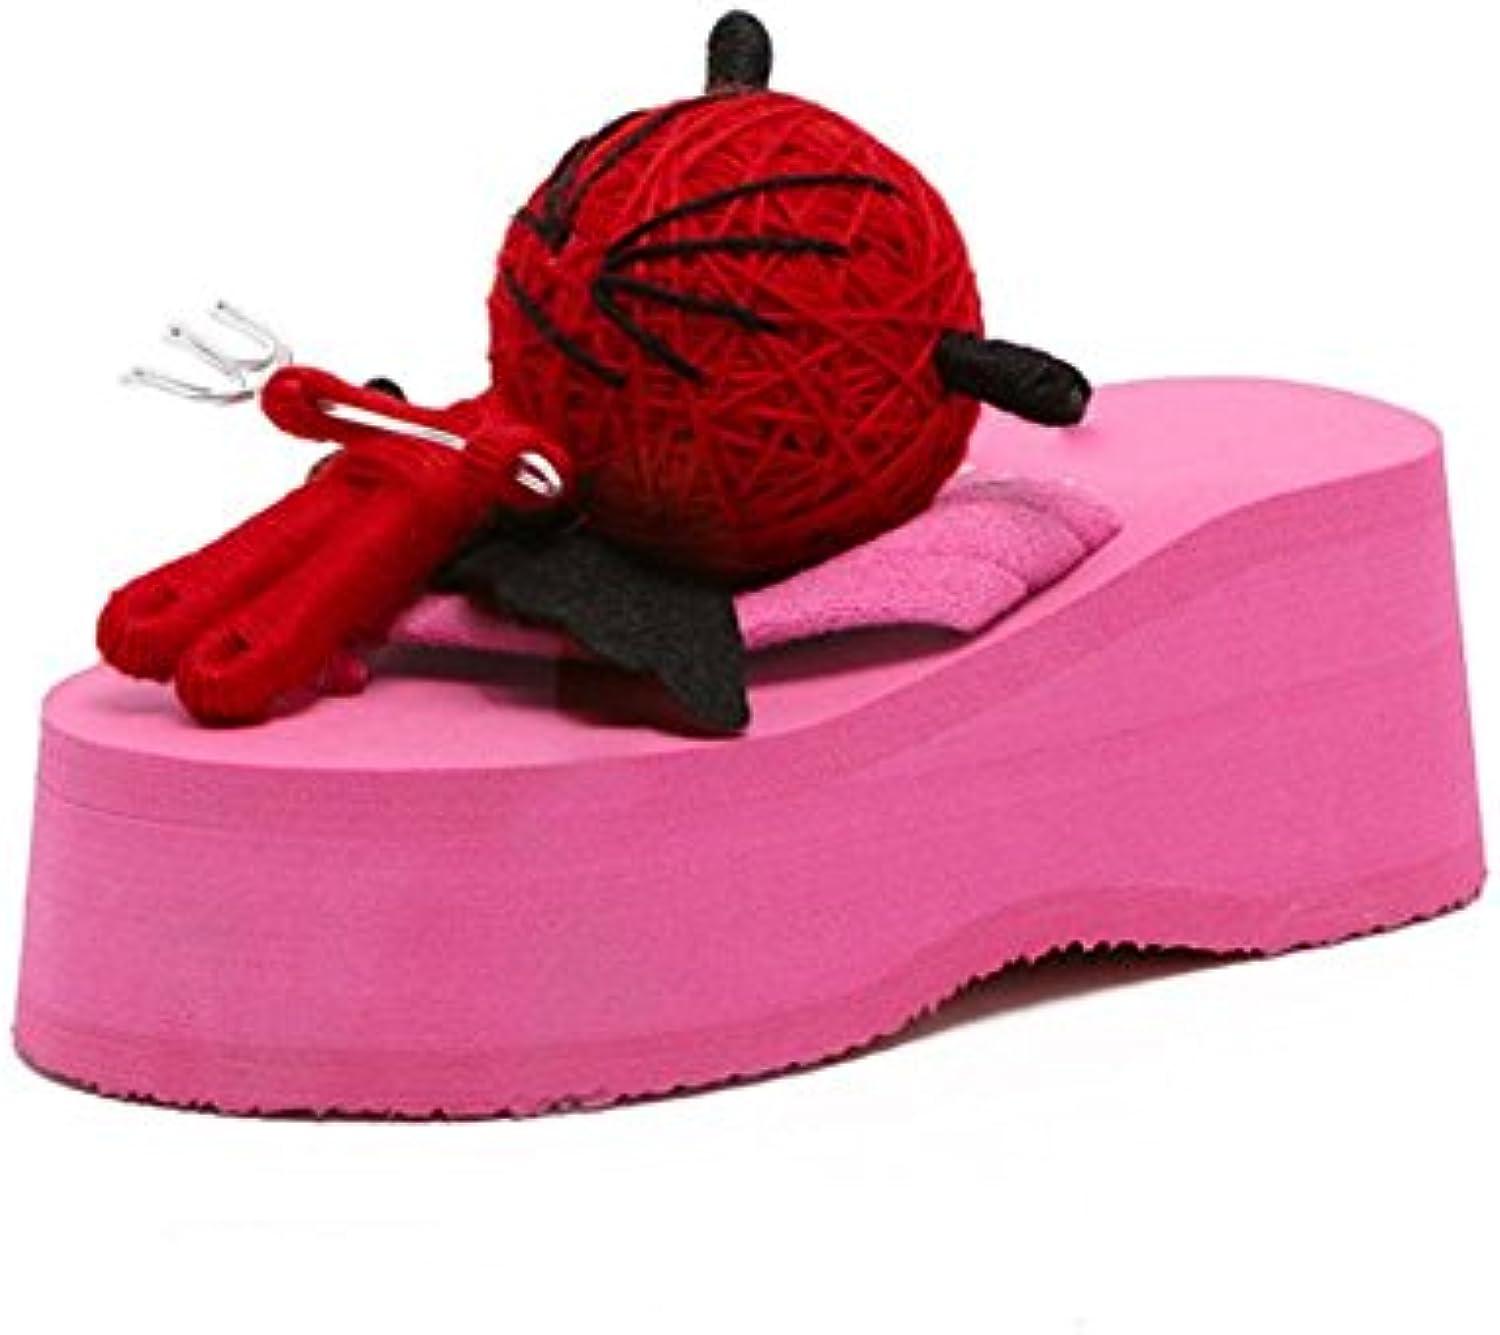 De altura con flip flop sandalias de mujer zapatos cuesta gruesa corteza con sandalias y zapatillas salvajes ,...